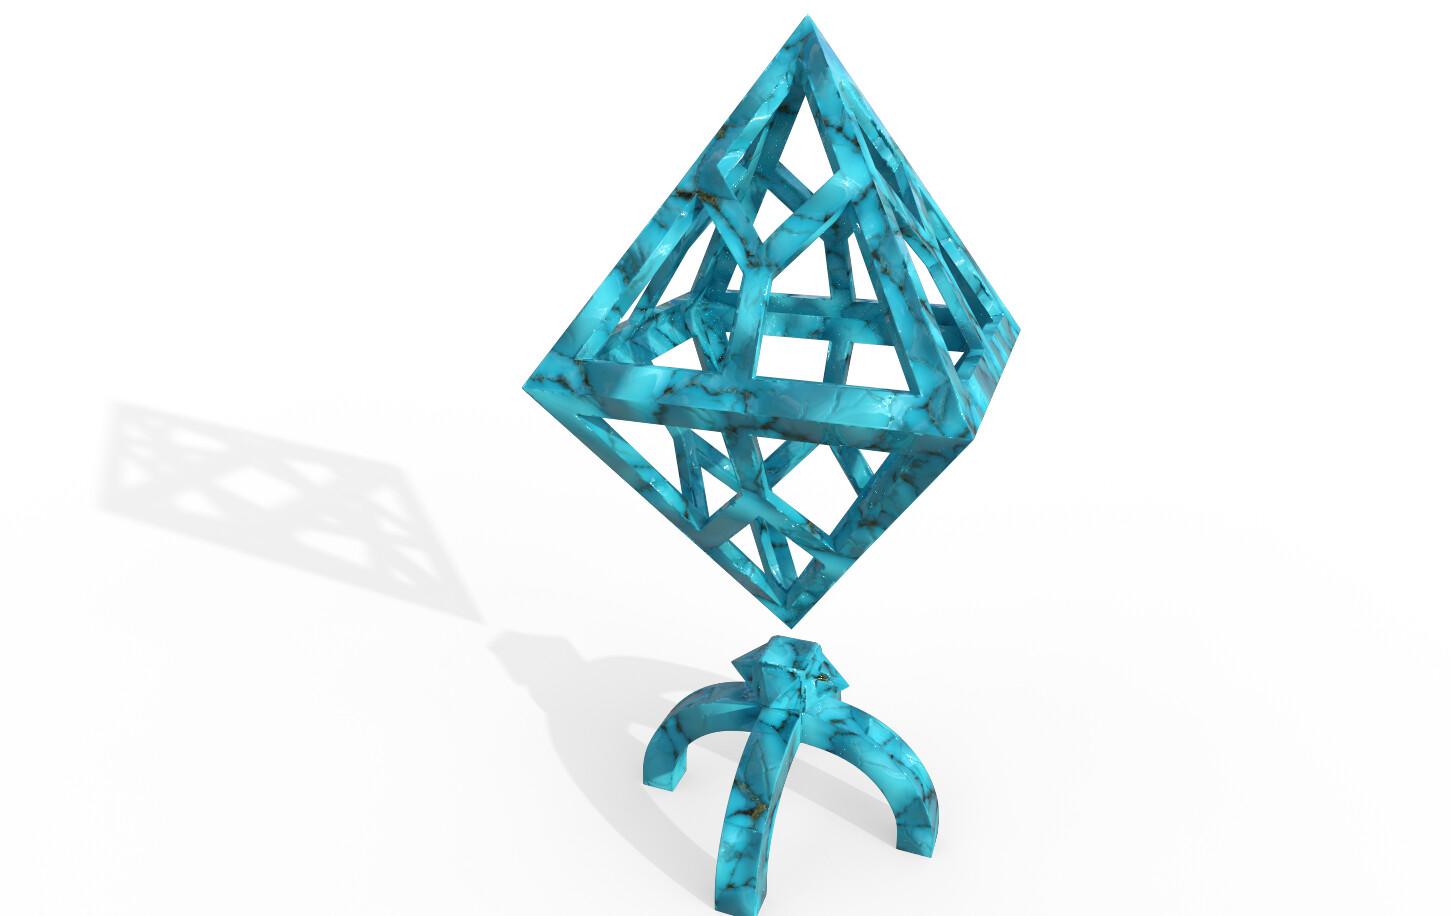 Joseph moniz cube001e